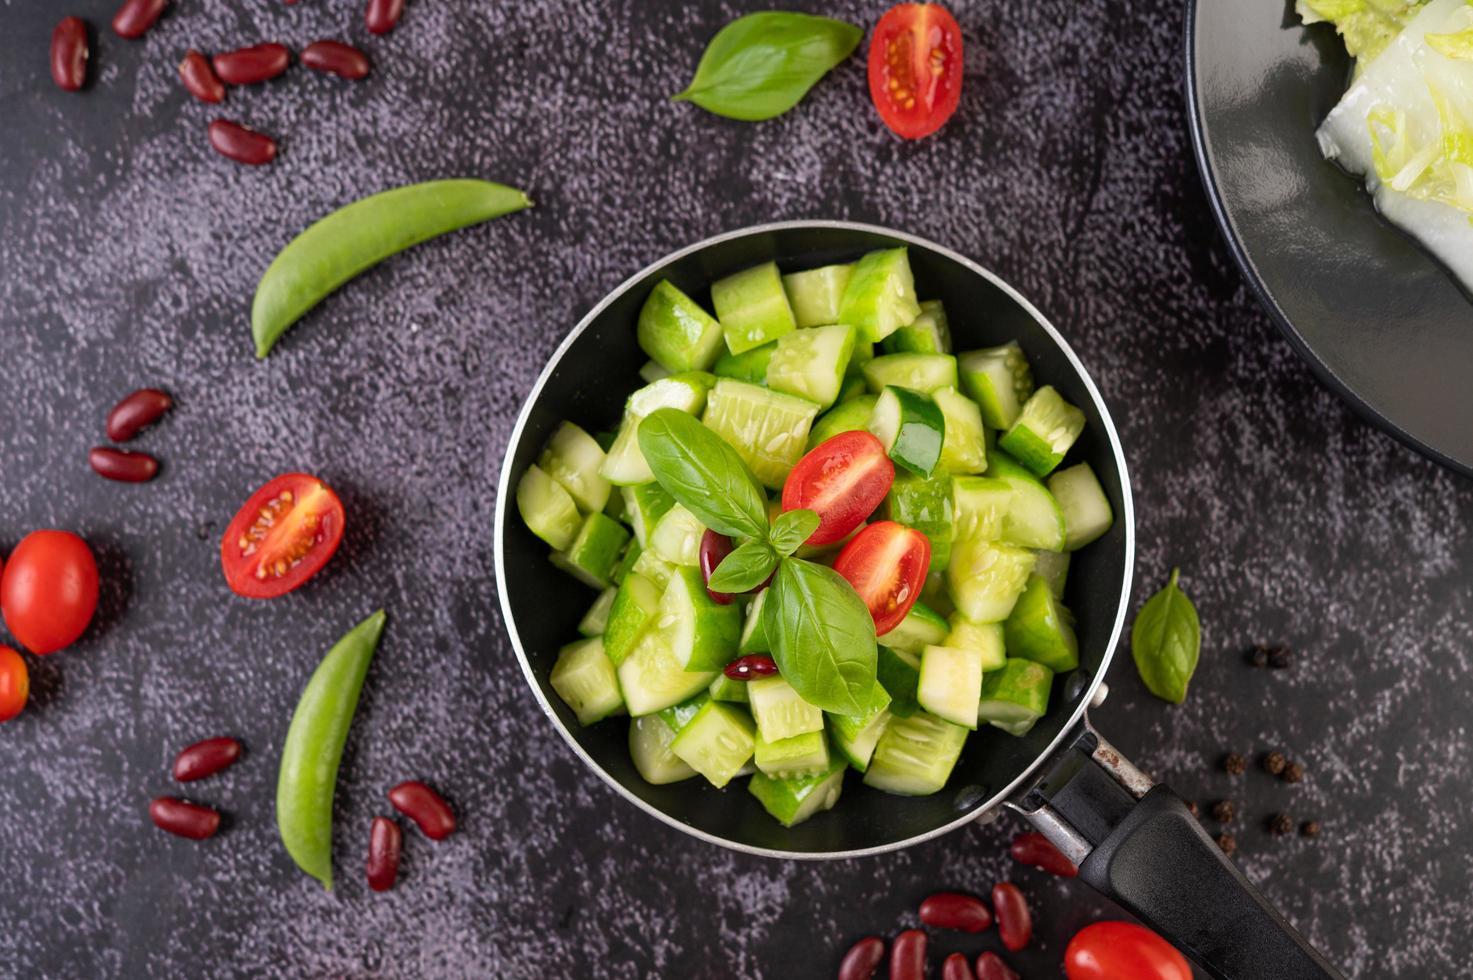 mexa pepinos fritos com tomates foto